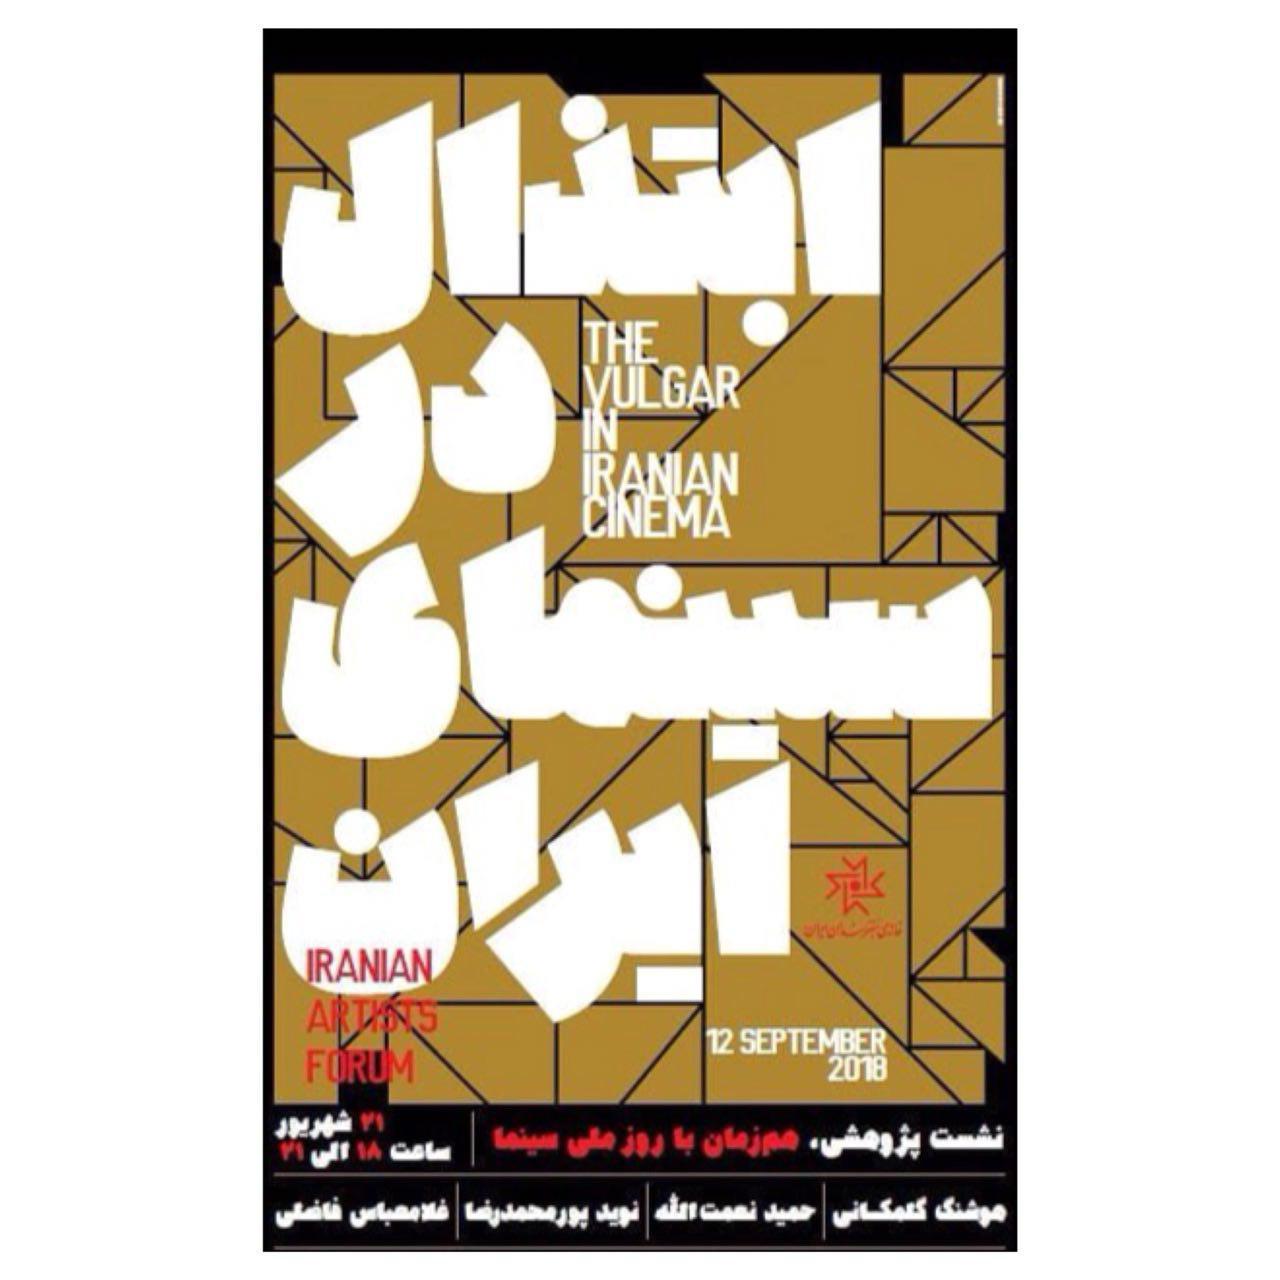 نشست پژوهشی ابتذال در سینمای ایران